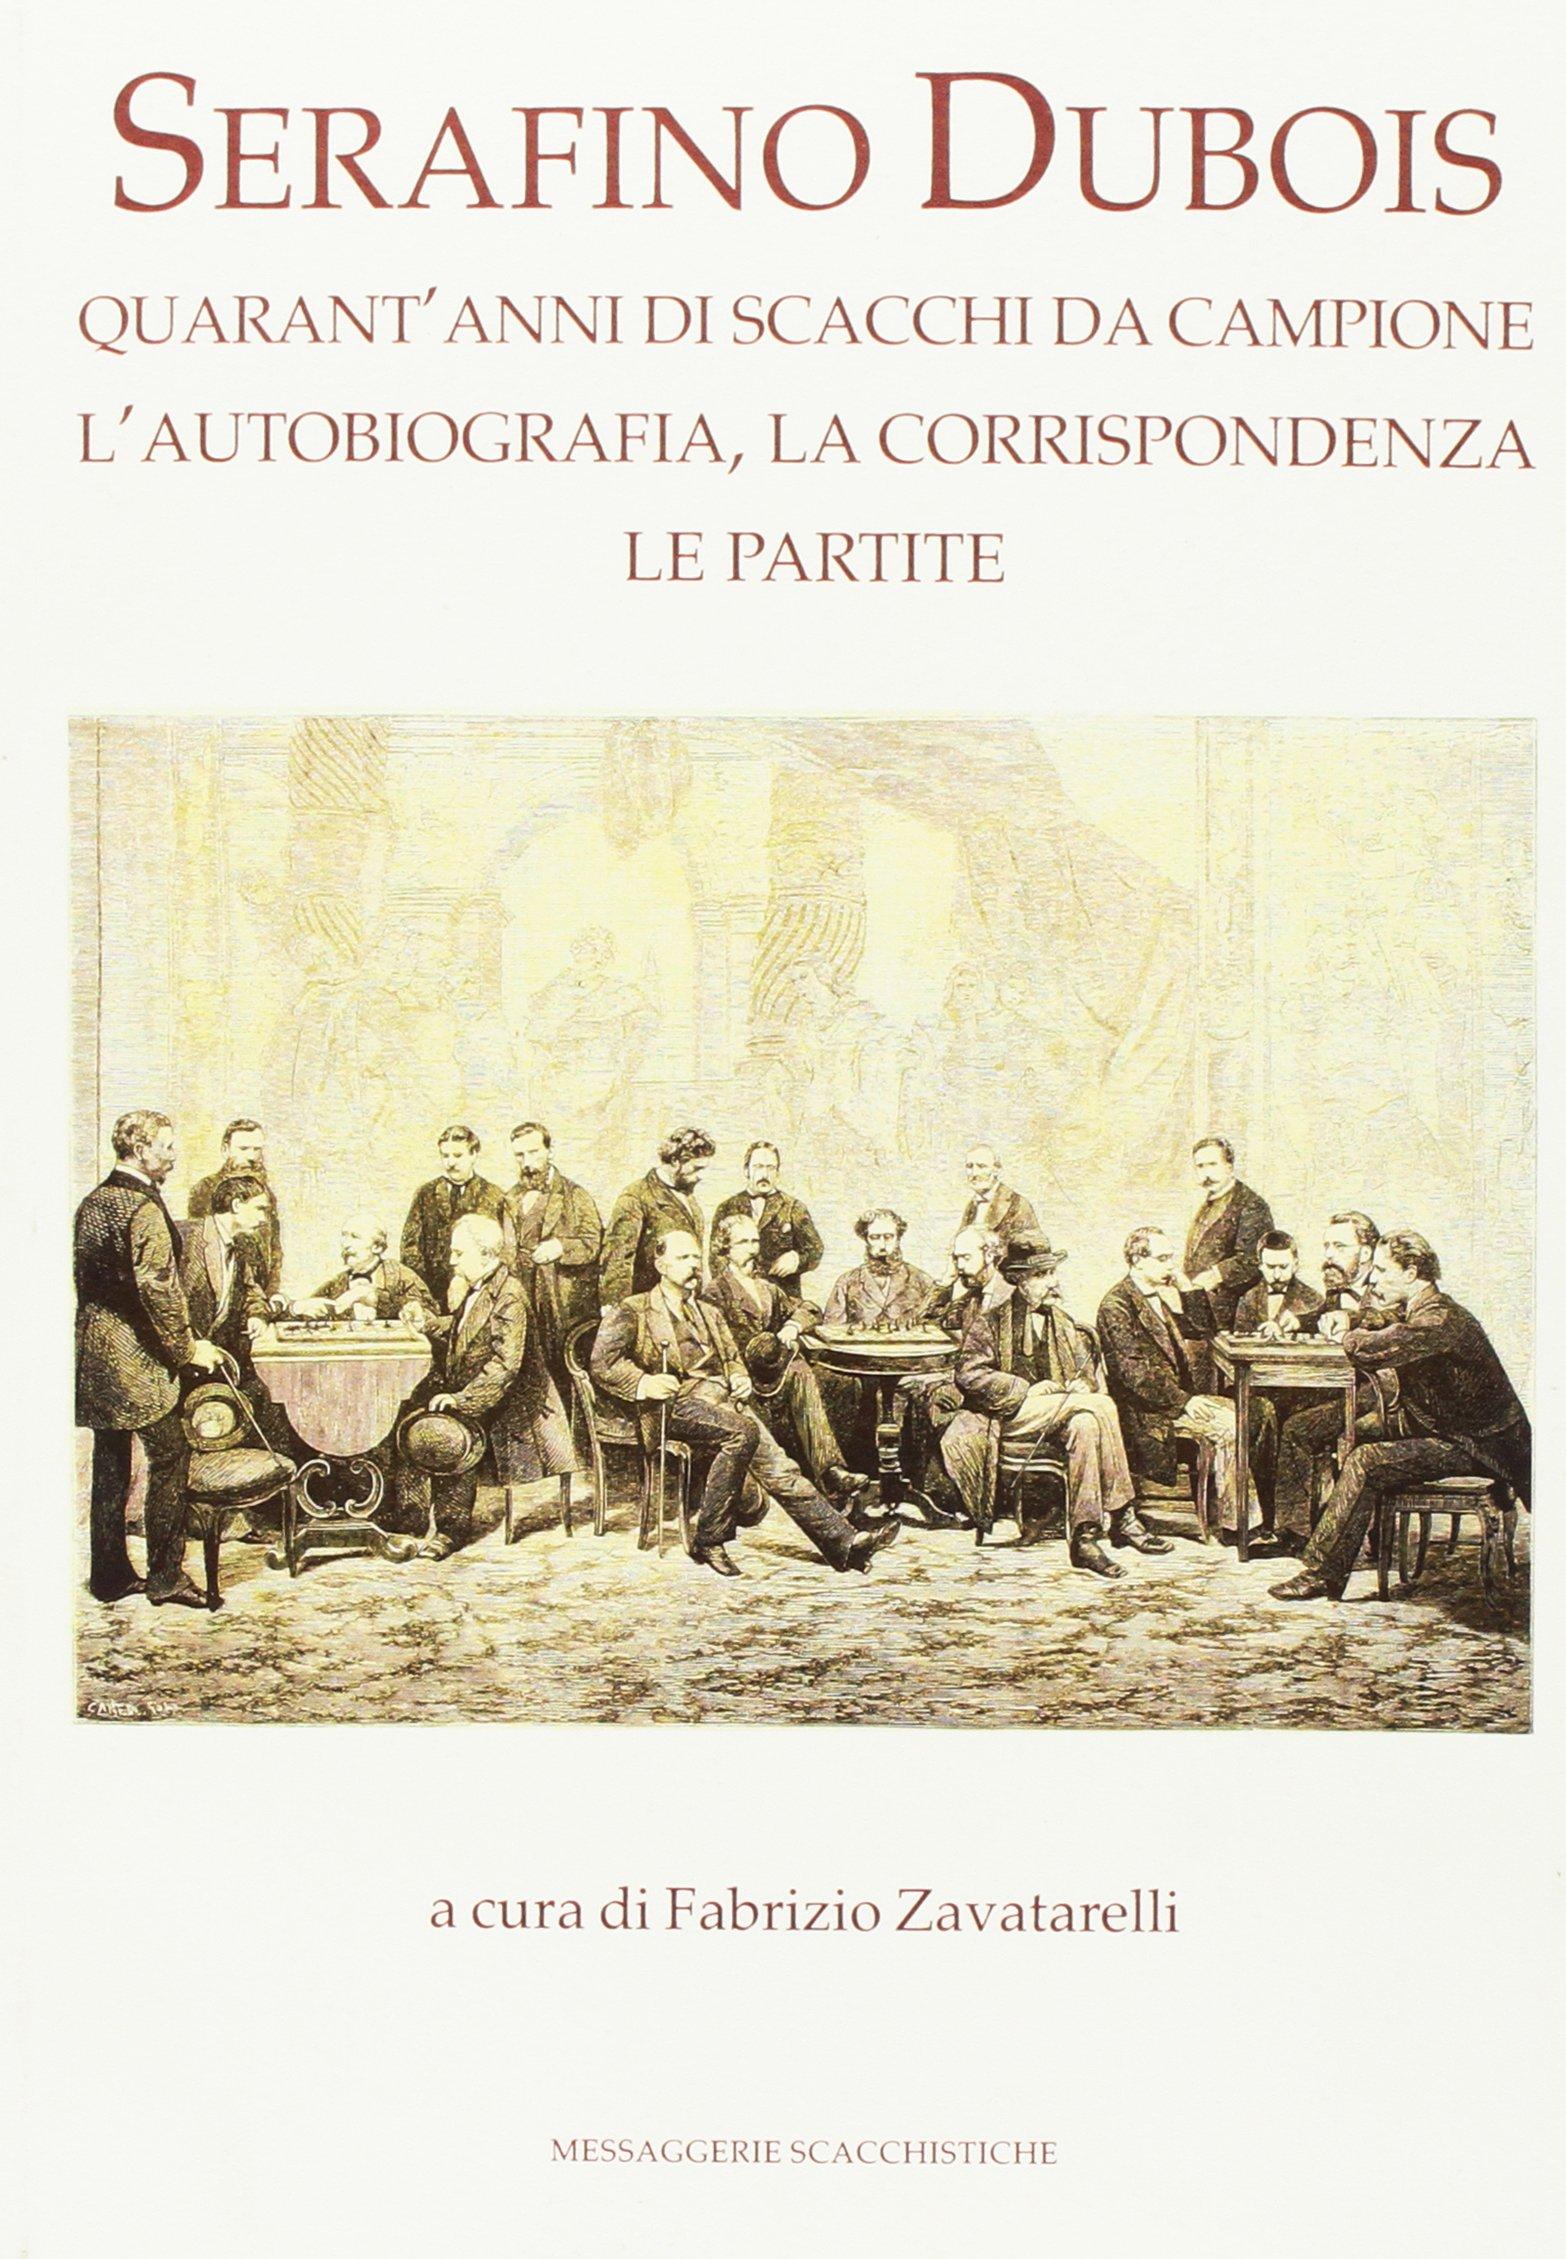 Serafino Dubois. Quarant'anni di scacchi da campione, l'autobiografia, la corrispondenza, le partite. Ediz. numerata